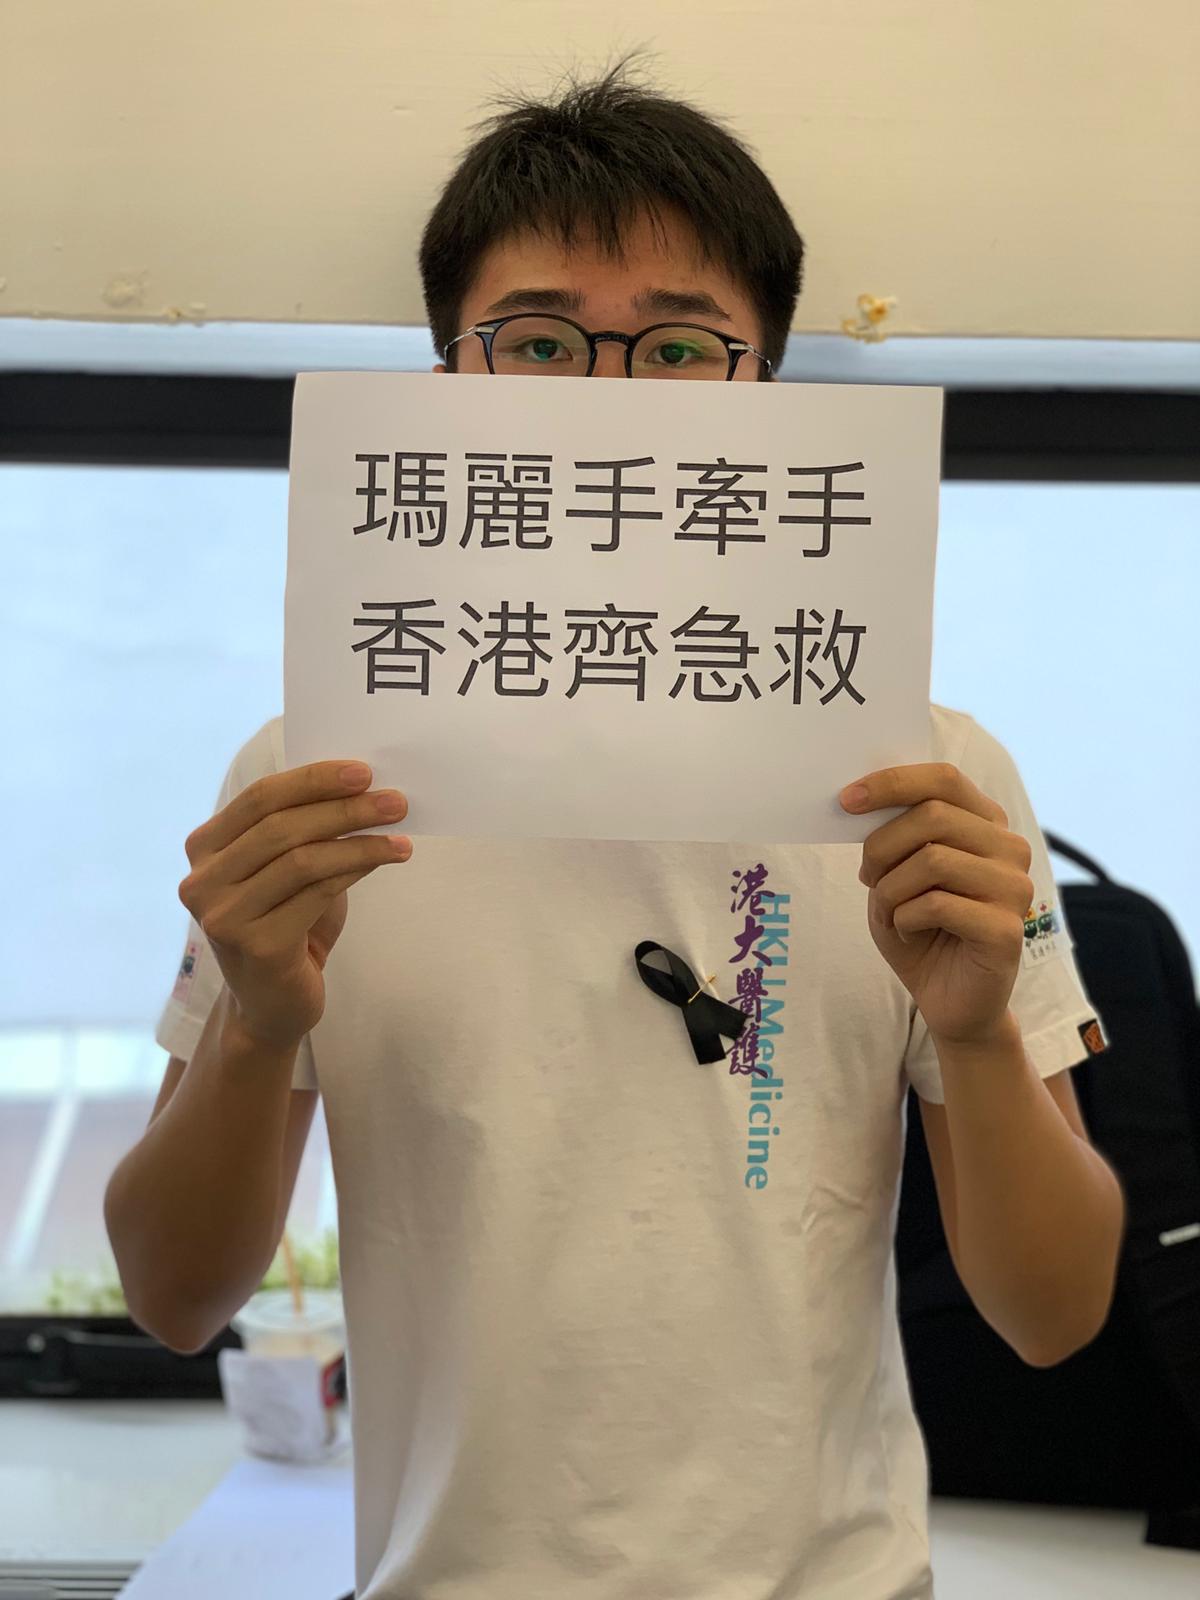 【逃犯条例】玛丽400医护筑人链响应三罢 肝病专家黎青龙参与